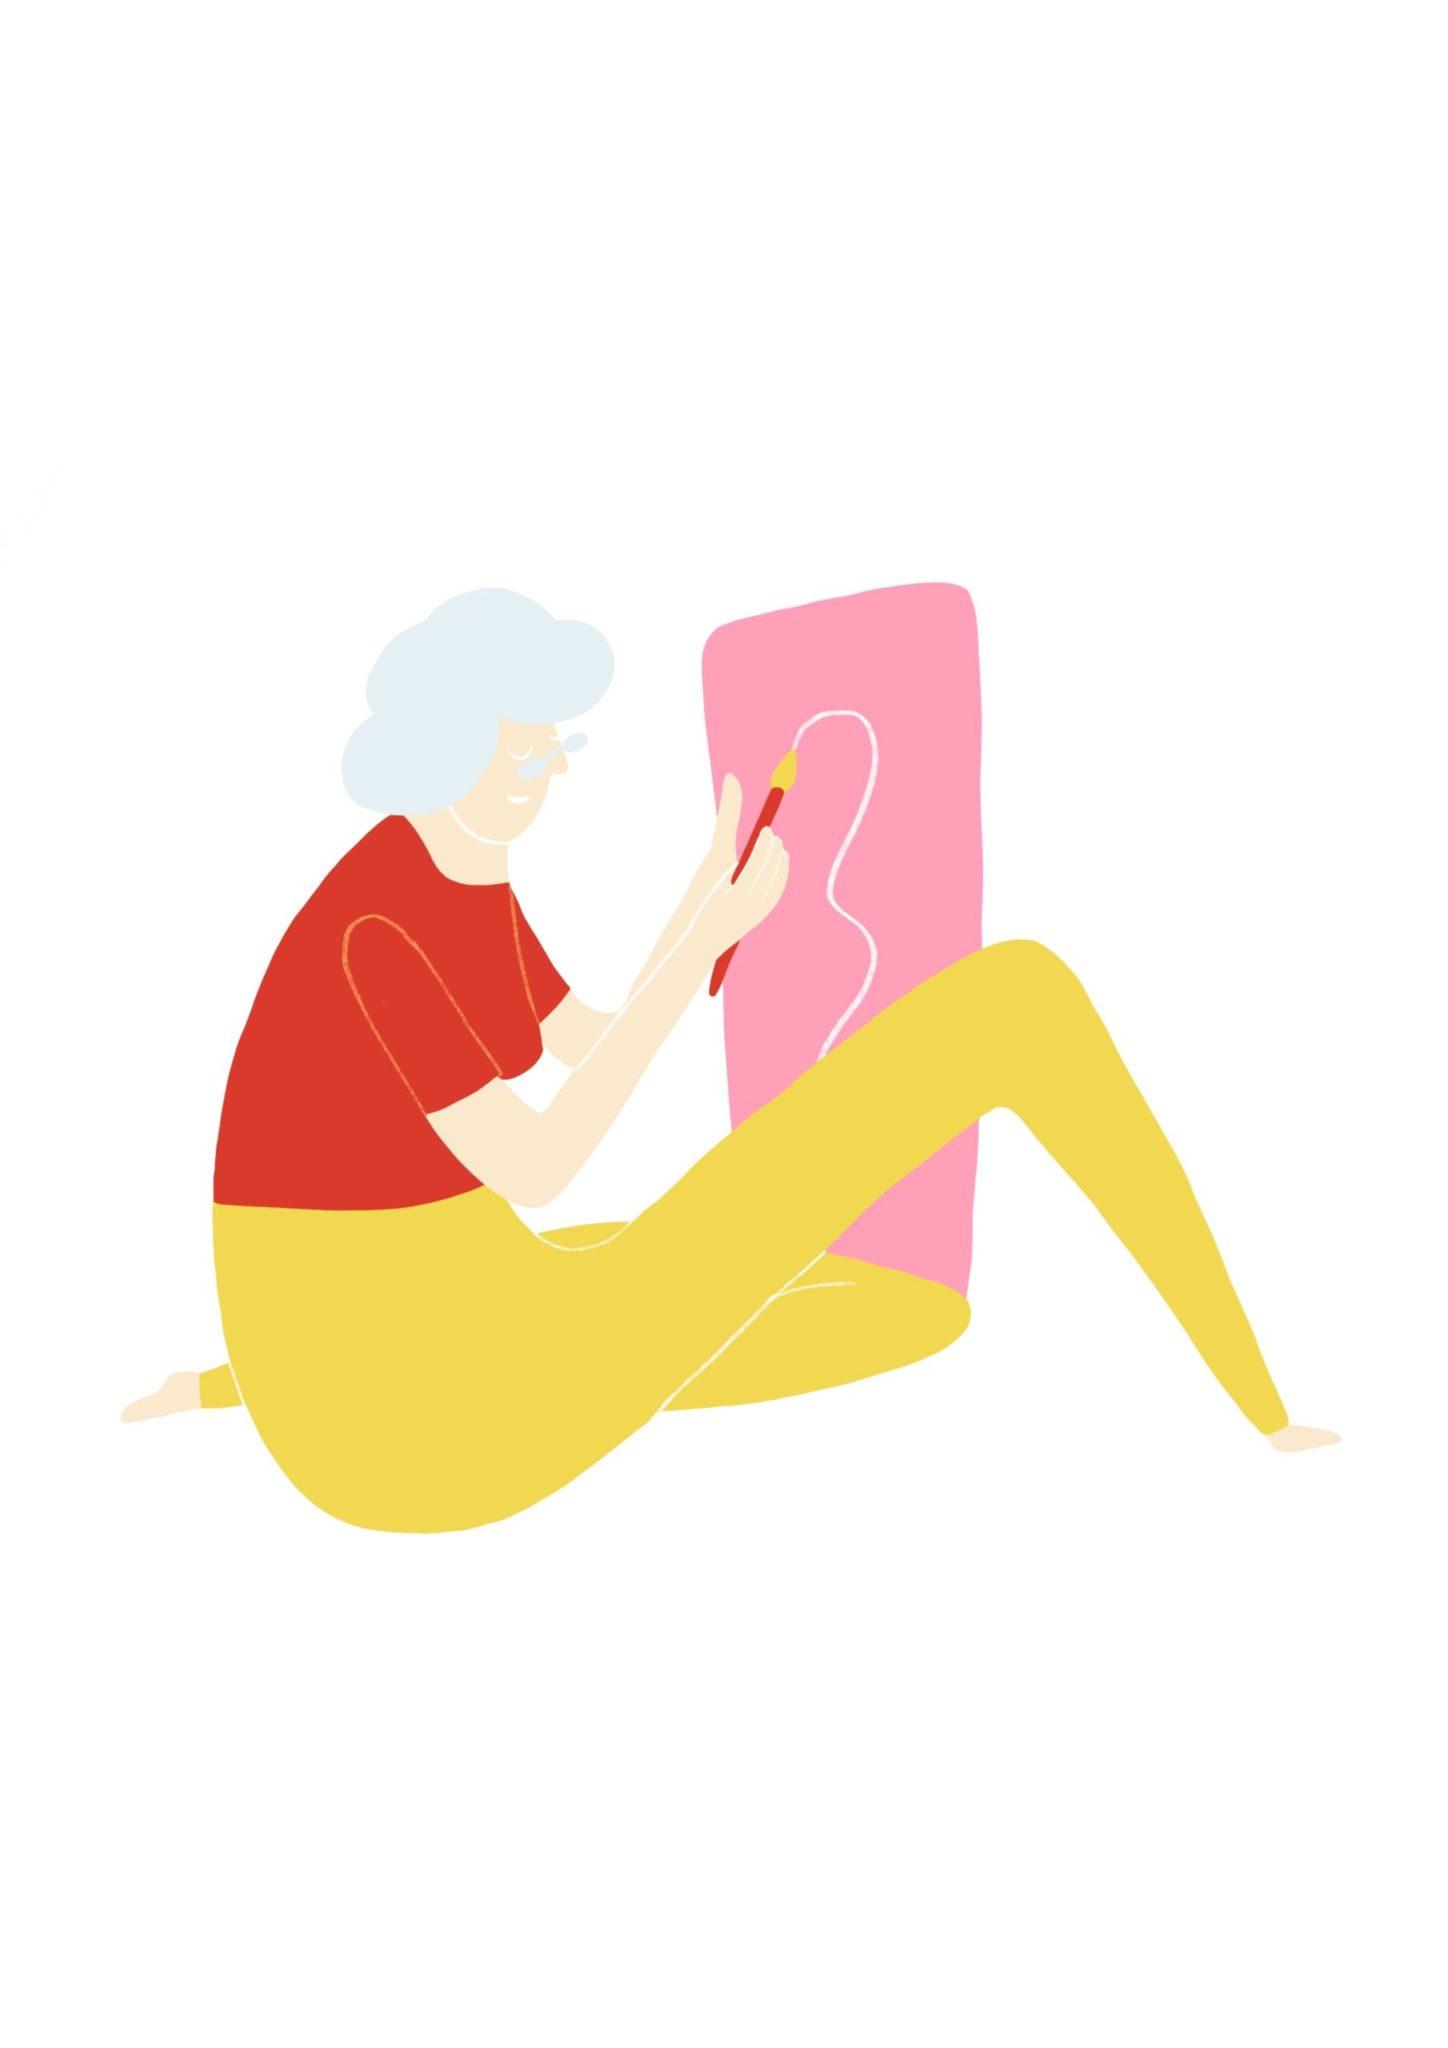 Illustration aus dem Reader Grundbegriffe für kulturelle Bildung Kapitel Kulturelle Erwachsenenbildung